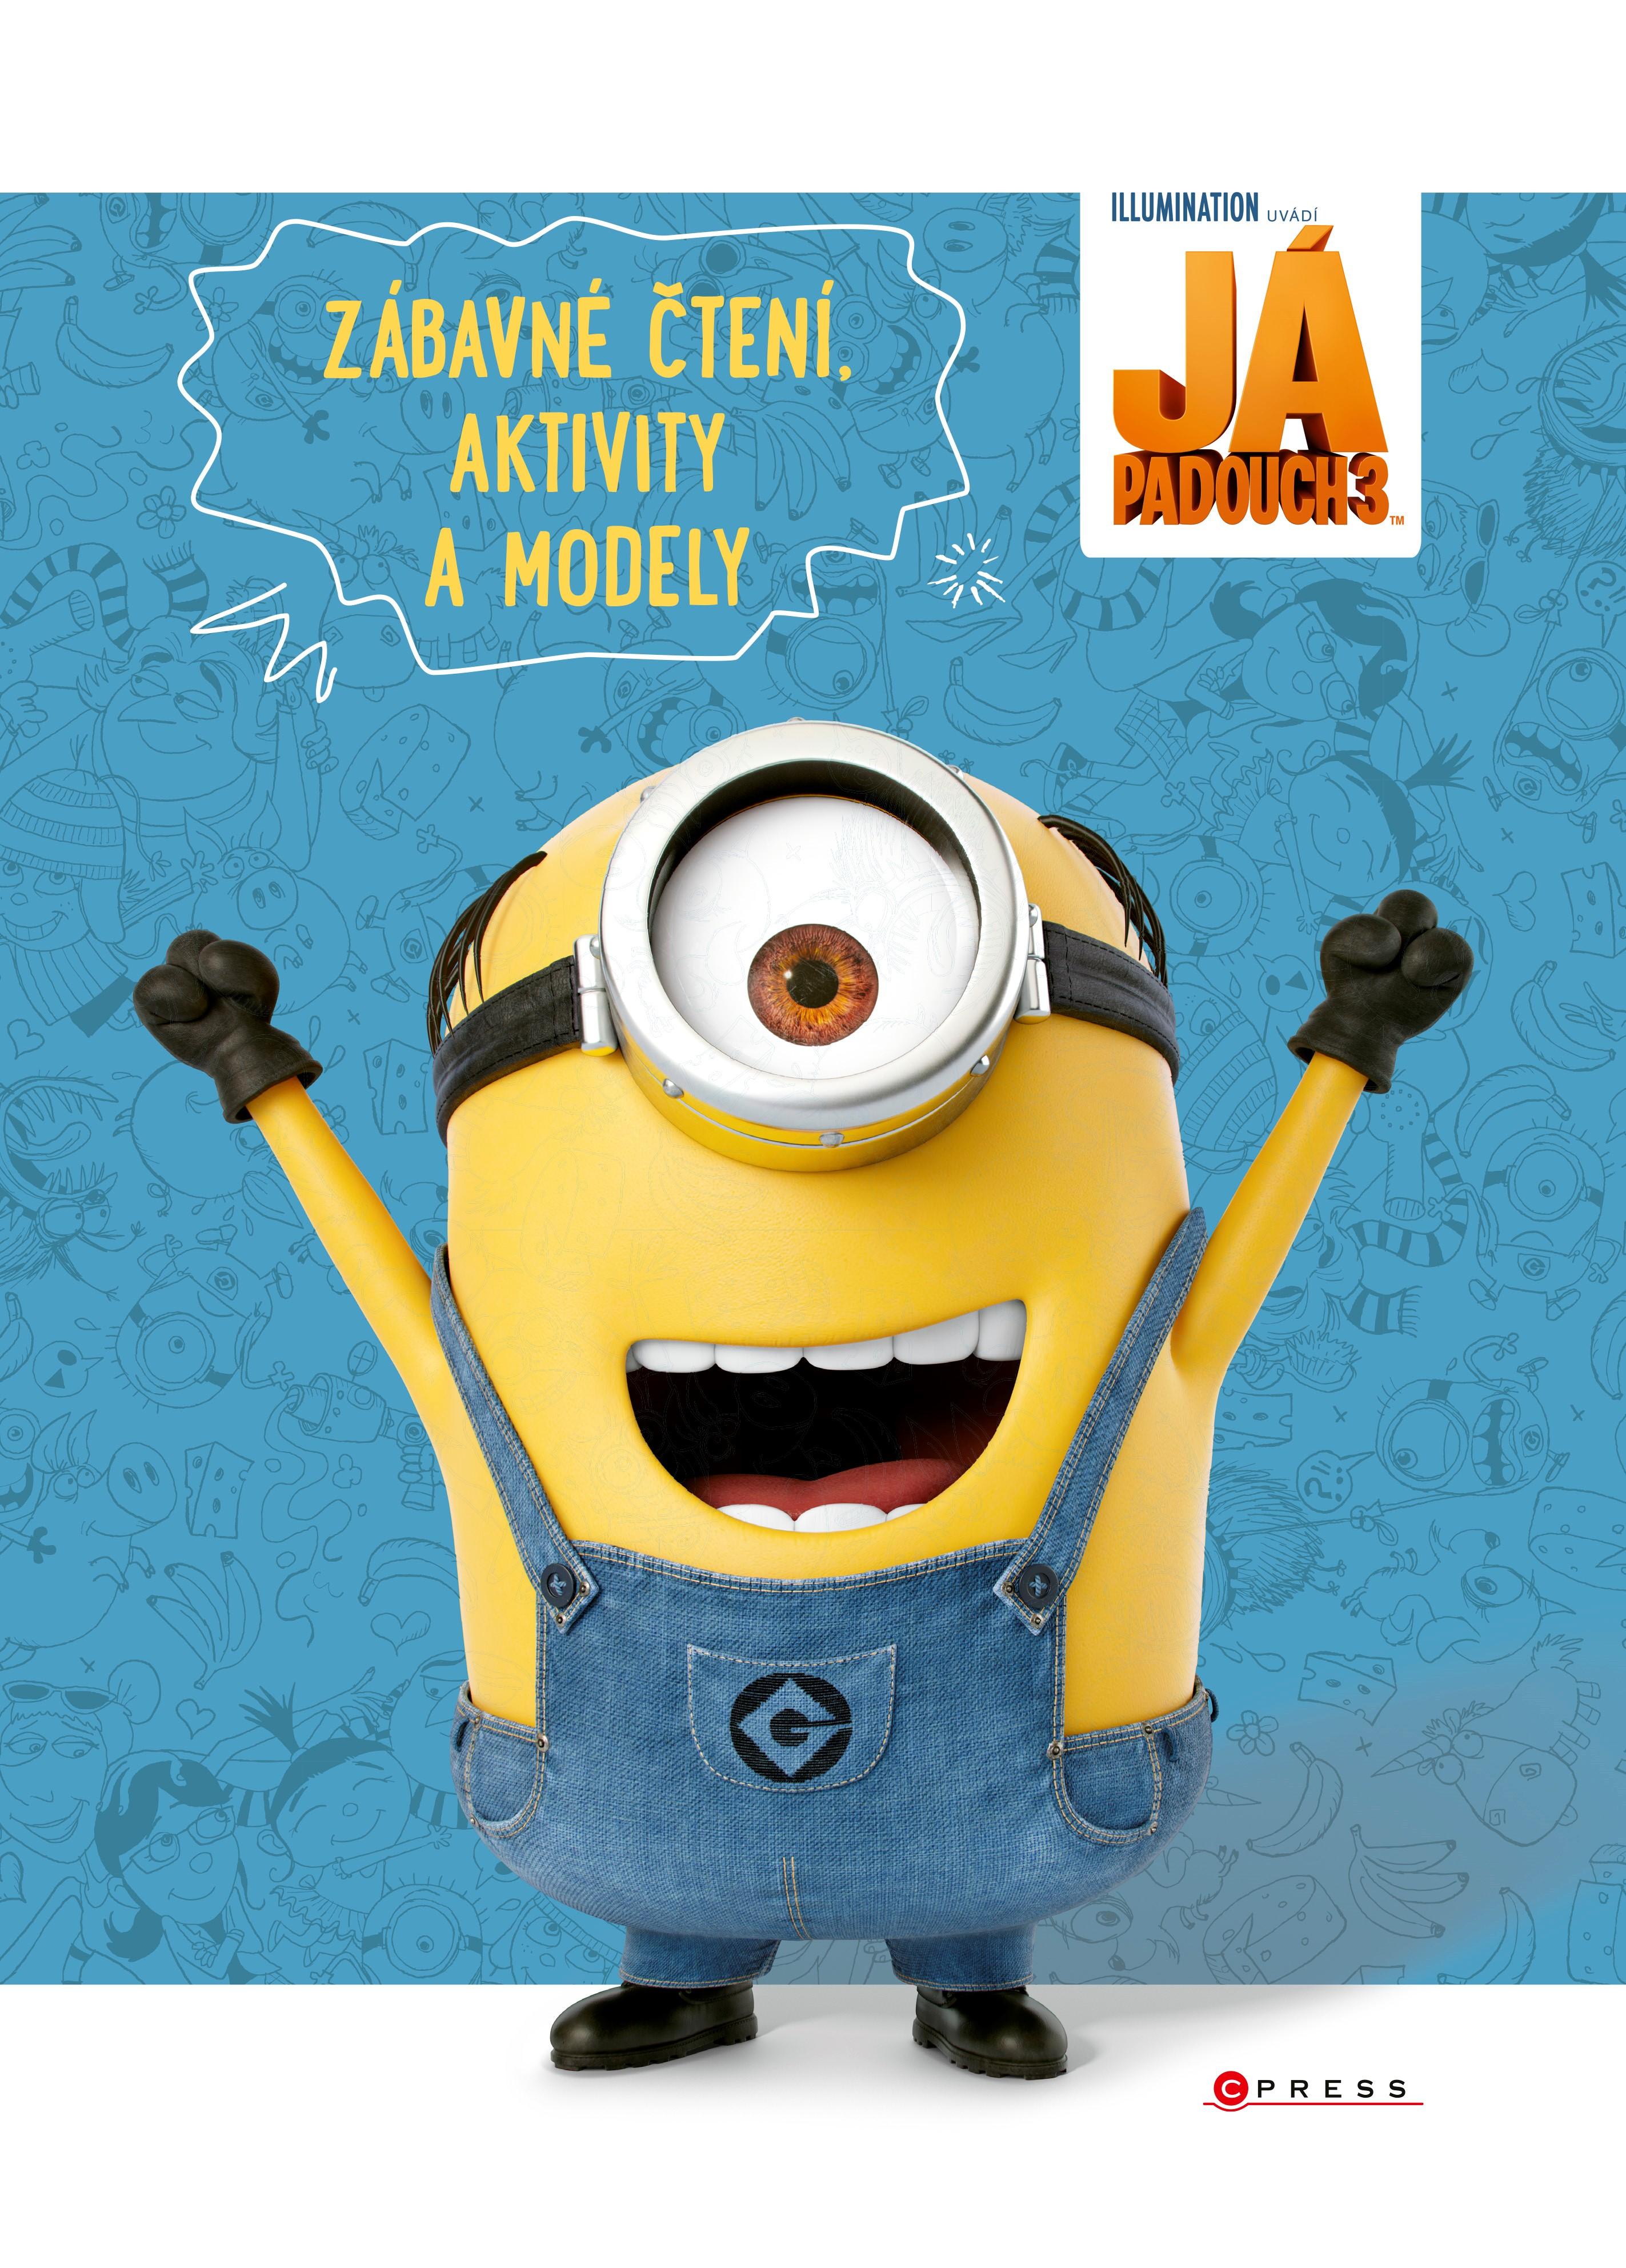 Já, padouch 3: Zábavné čtení, aktivity a modely